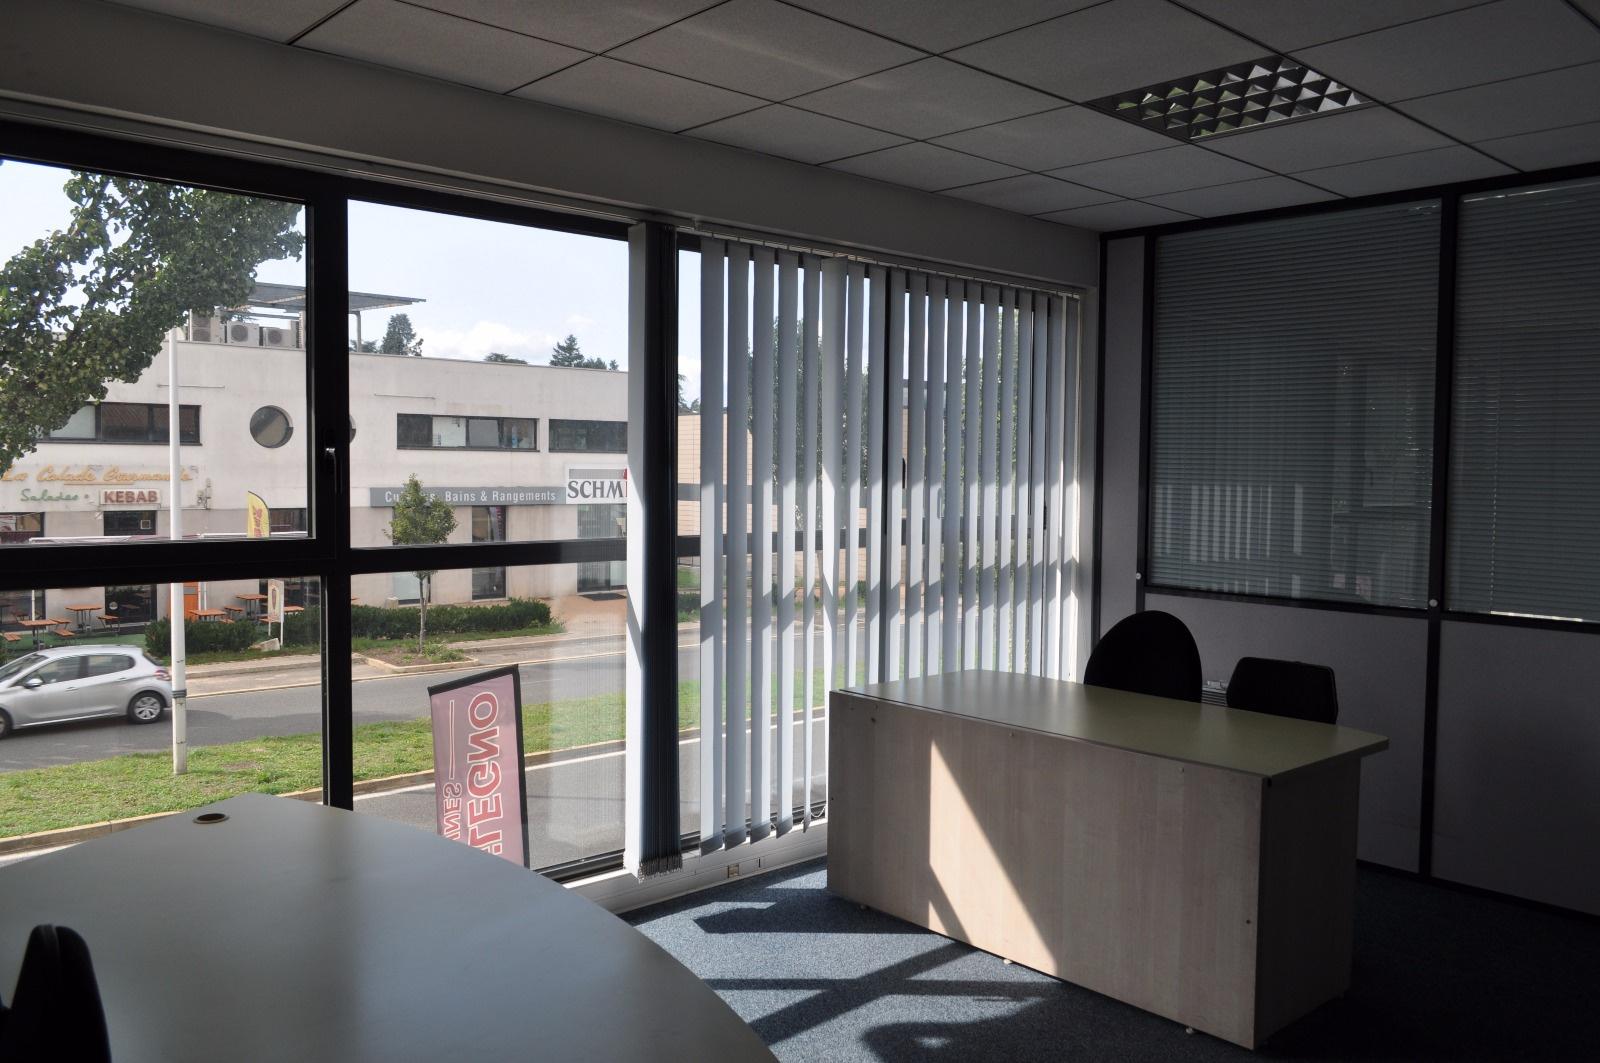 Vente Immobilier Professionnel  Villefranche-sur-Saône 69400